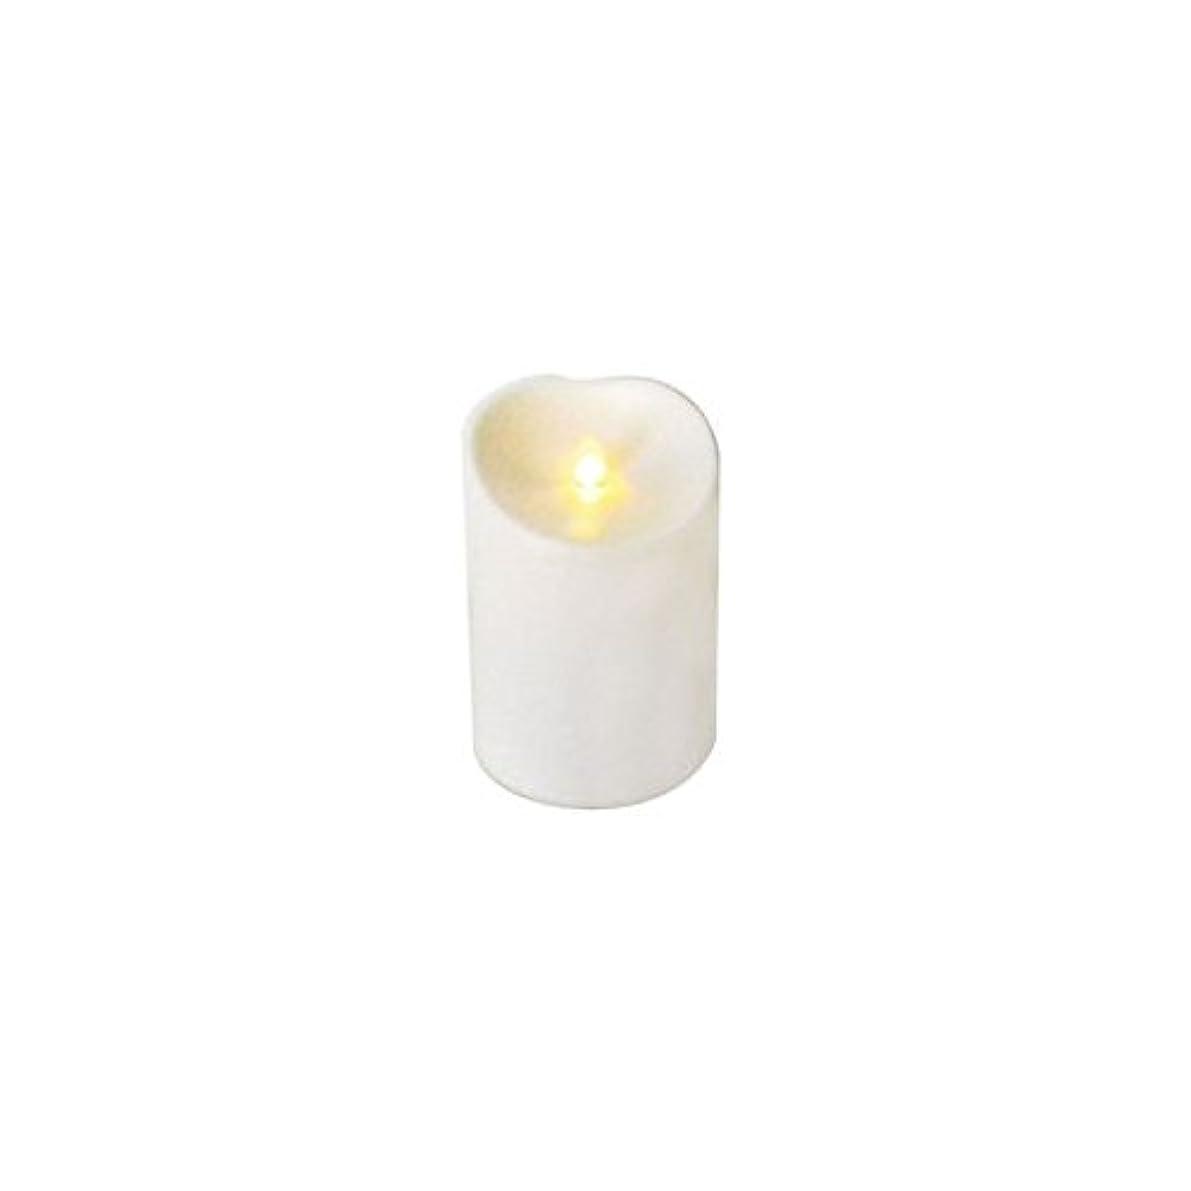 虚栄心集団平らなLUMINARA(ルミナラ)アウトドアピラー3.75×5 「 アイボリー 」 03050000